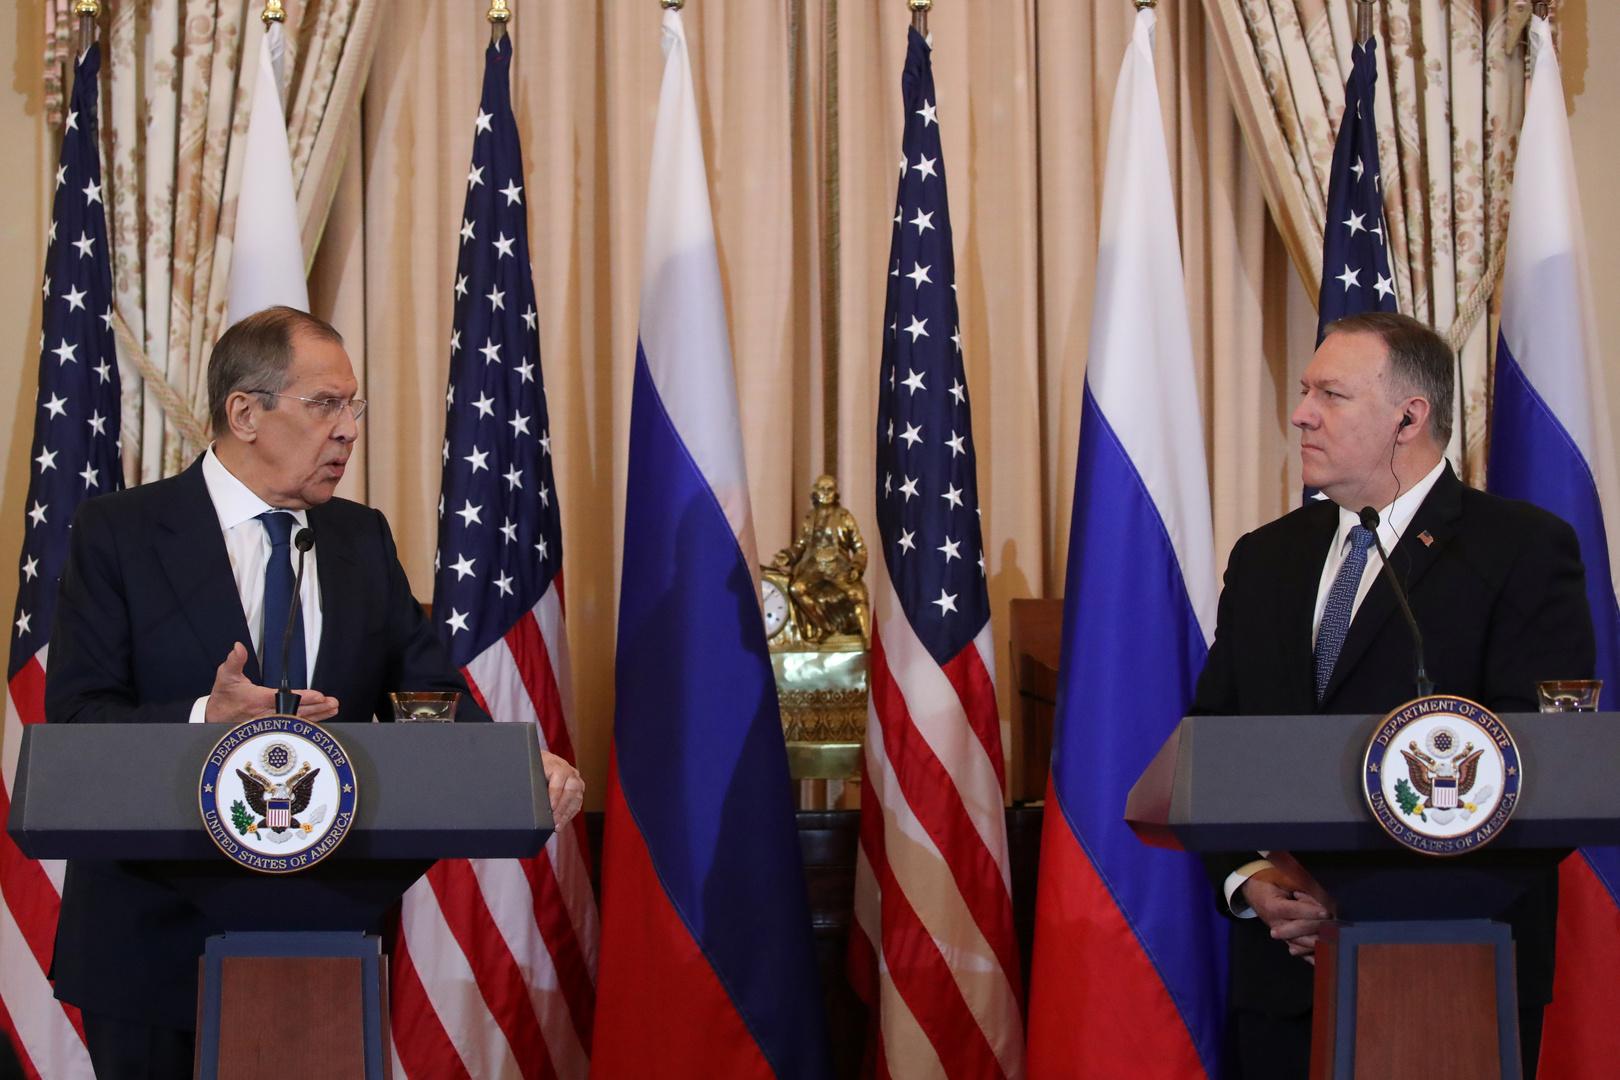 لافروف: مستوى العلاقات بين موسكو وواشنطن لا يتوافق مع مصالح البلدين والعالم